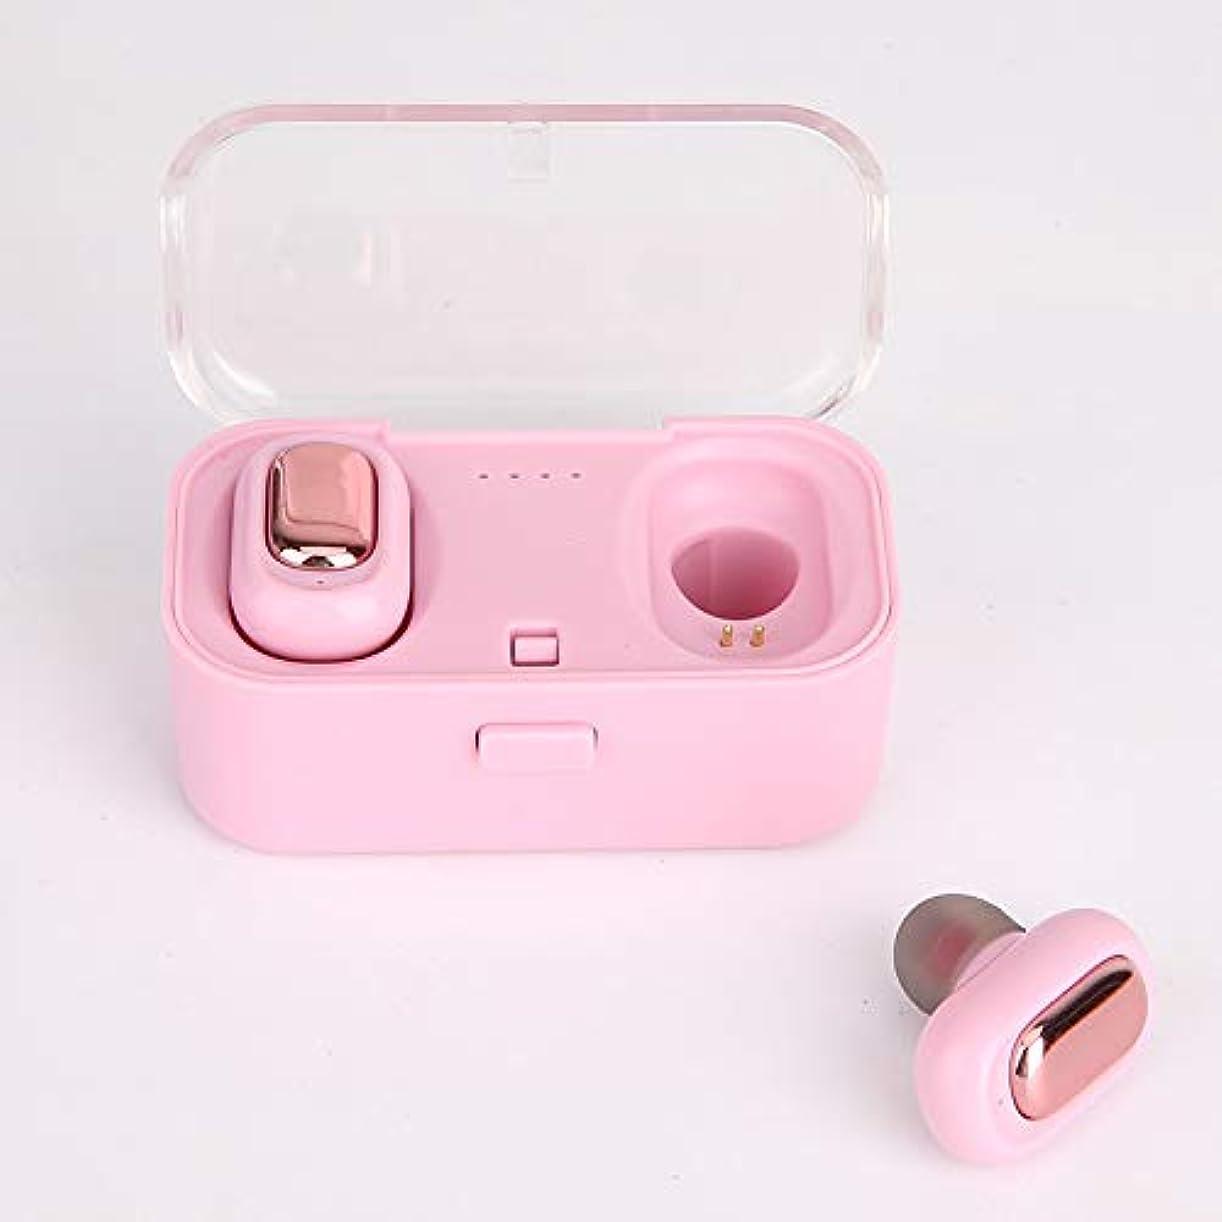 バケットつづりヘッジOHQ True HIFIワイヤレスBluetooth 5.0ヘッドセットSport Earbuds Twins Ear Stereo(Pink)